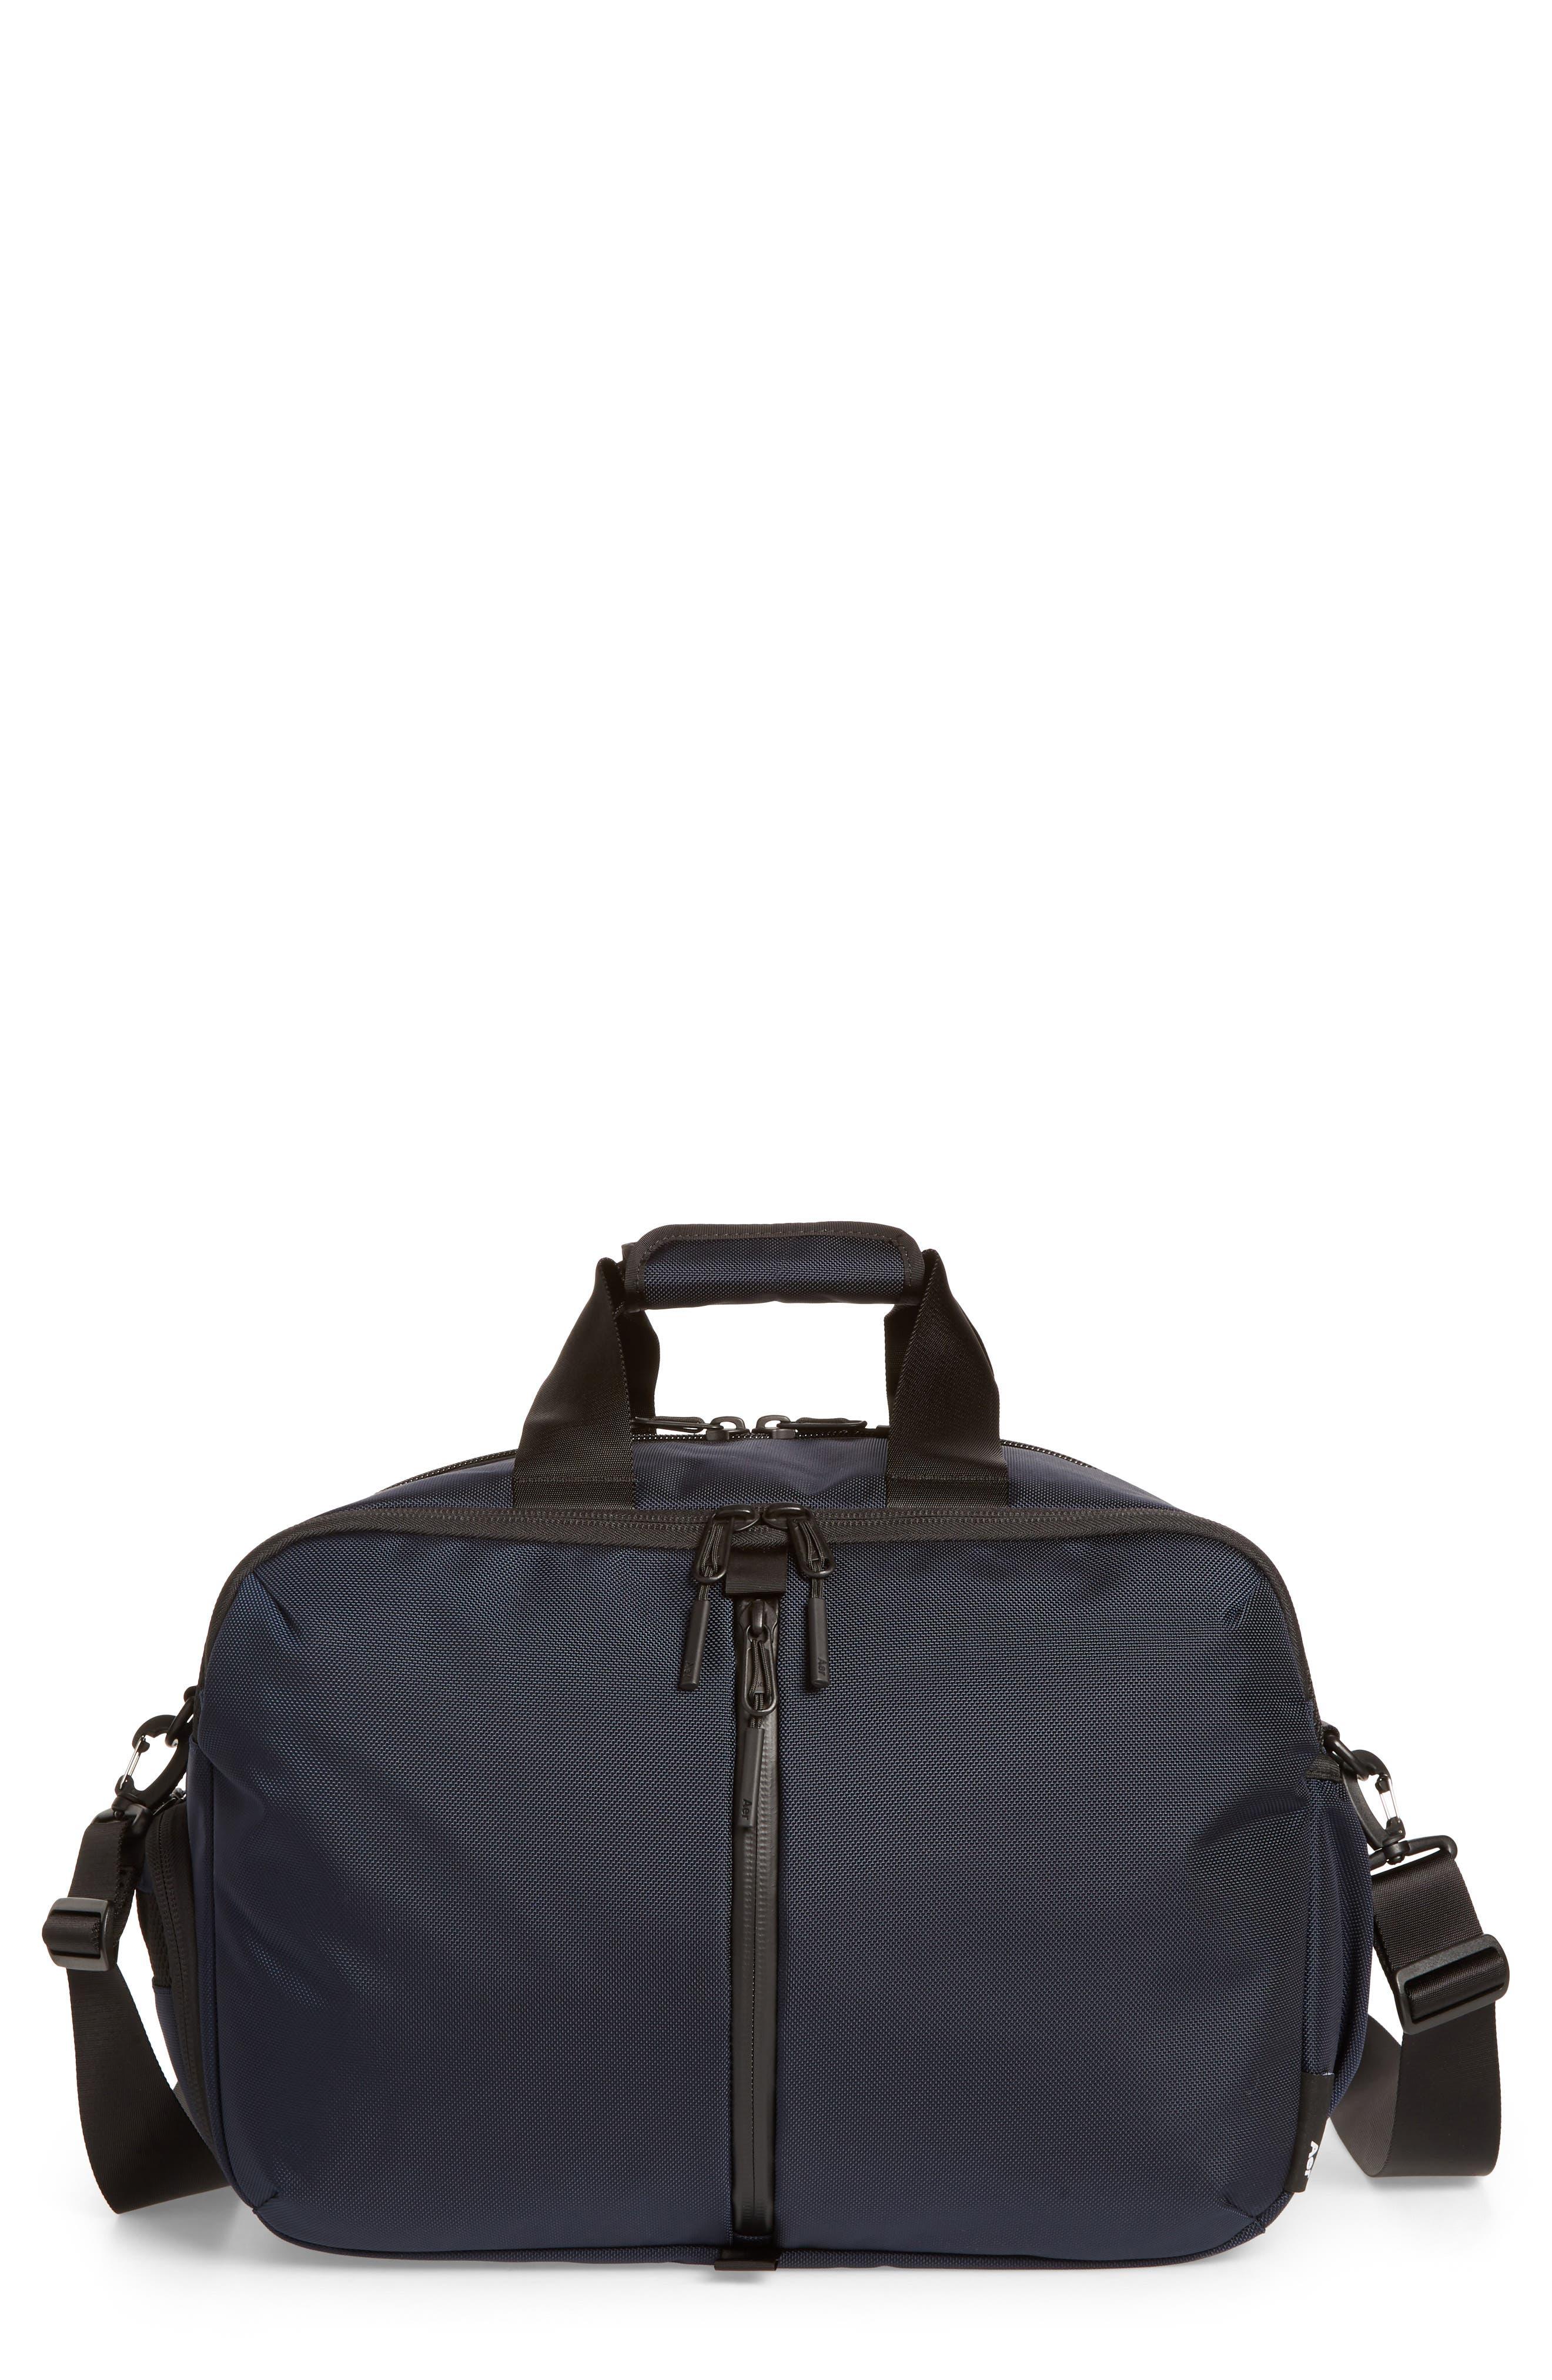 Gym Duffel 2 Duffel Bag,                         Main,                         color, 410